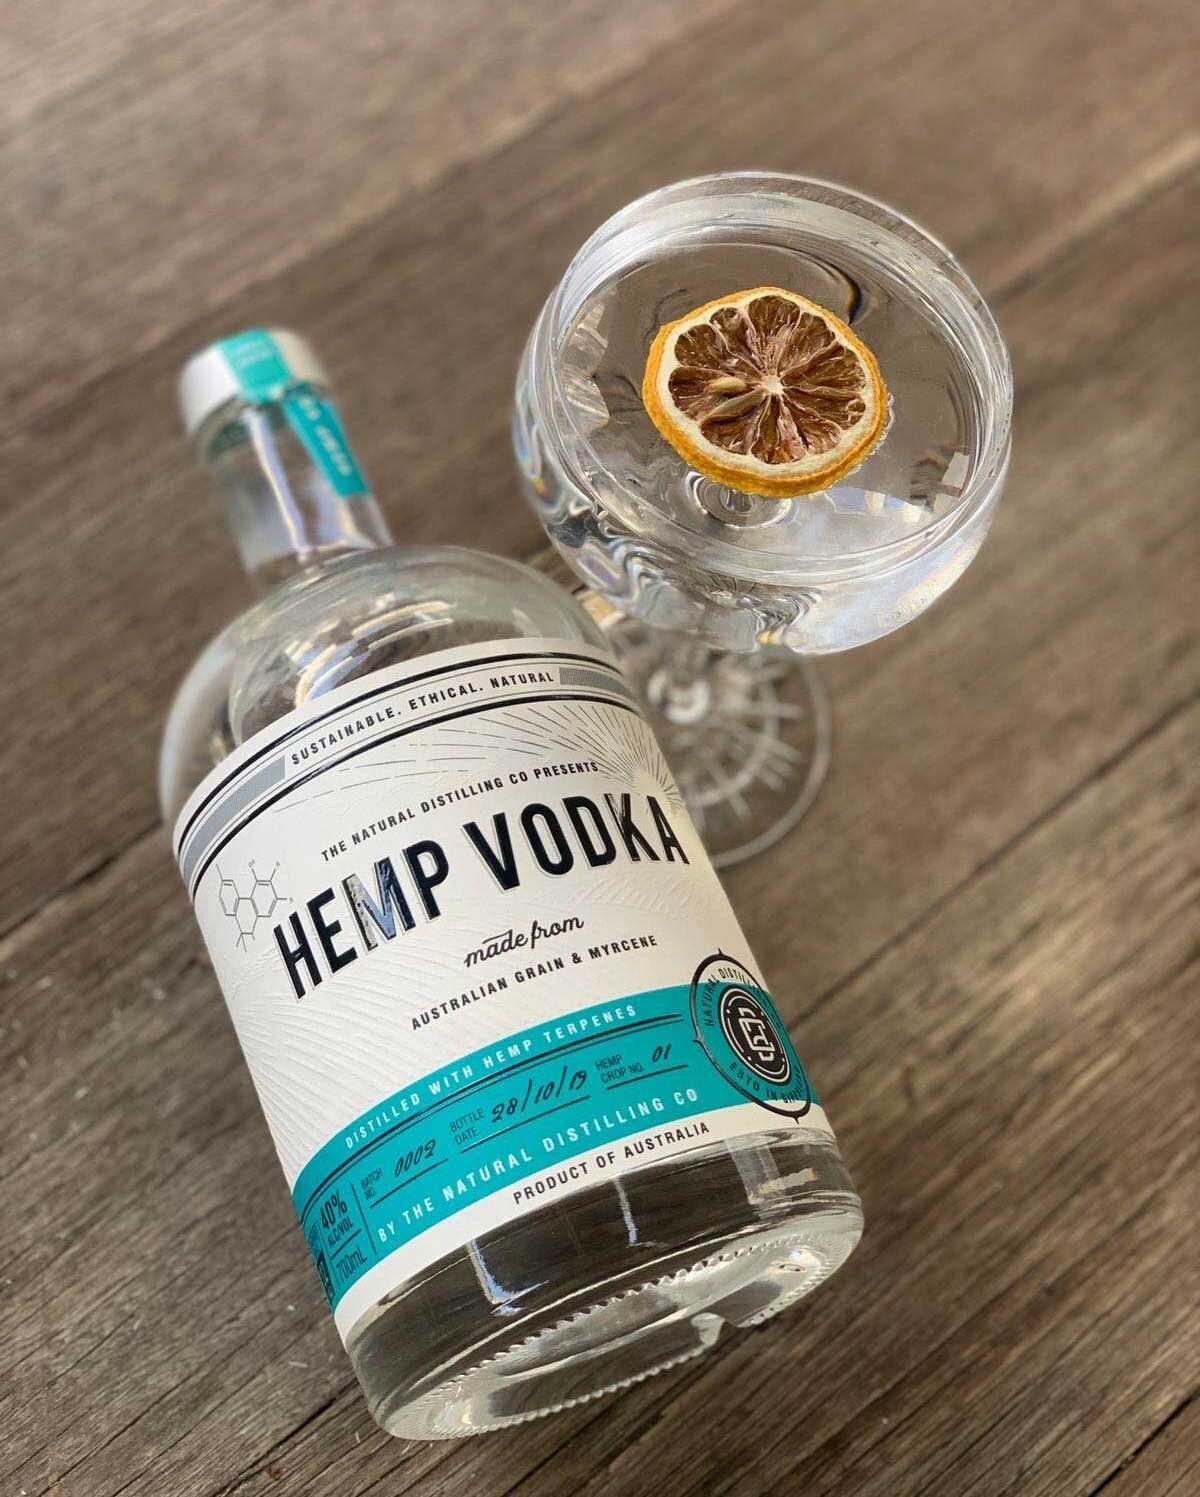 Bottle of hemp vodka with lemon